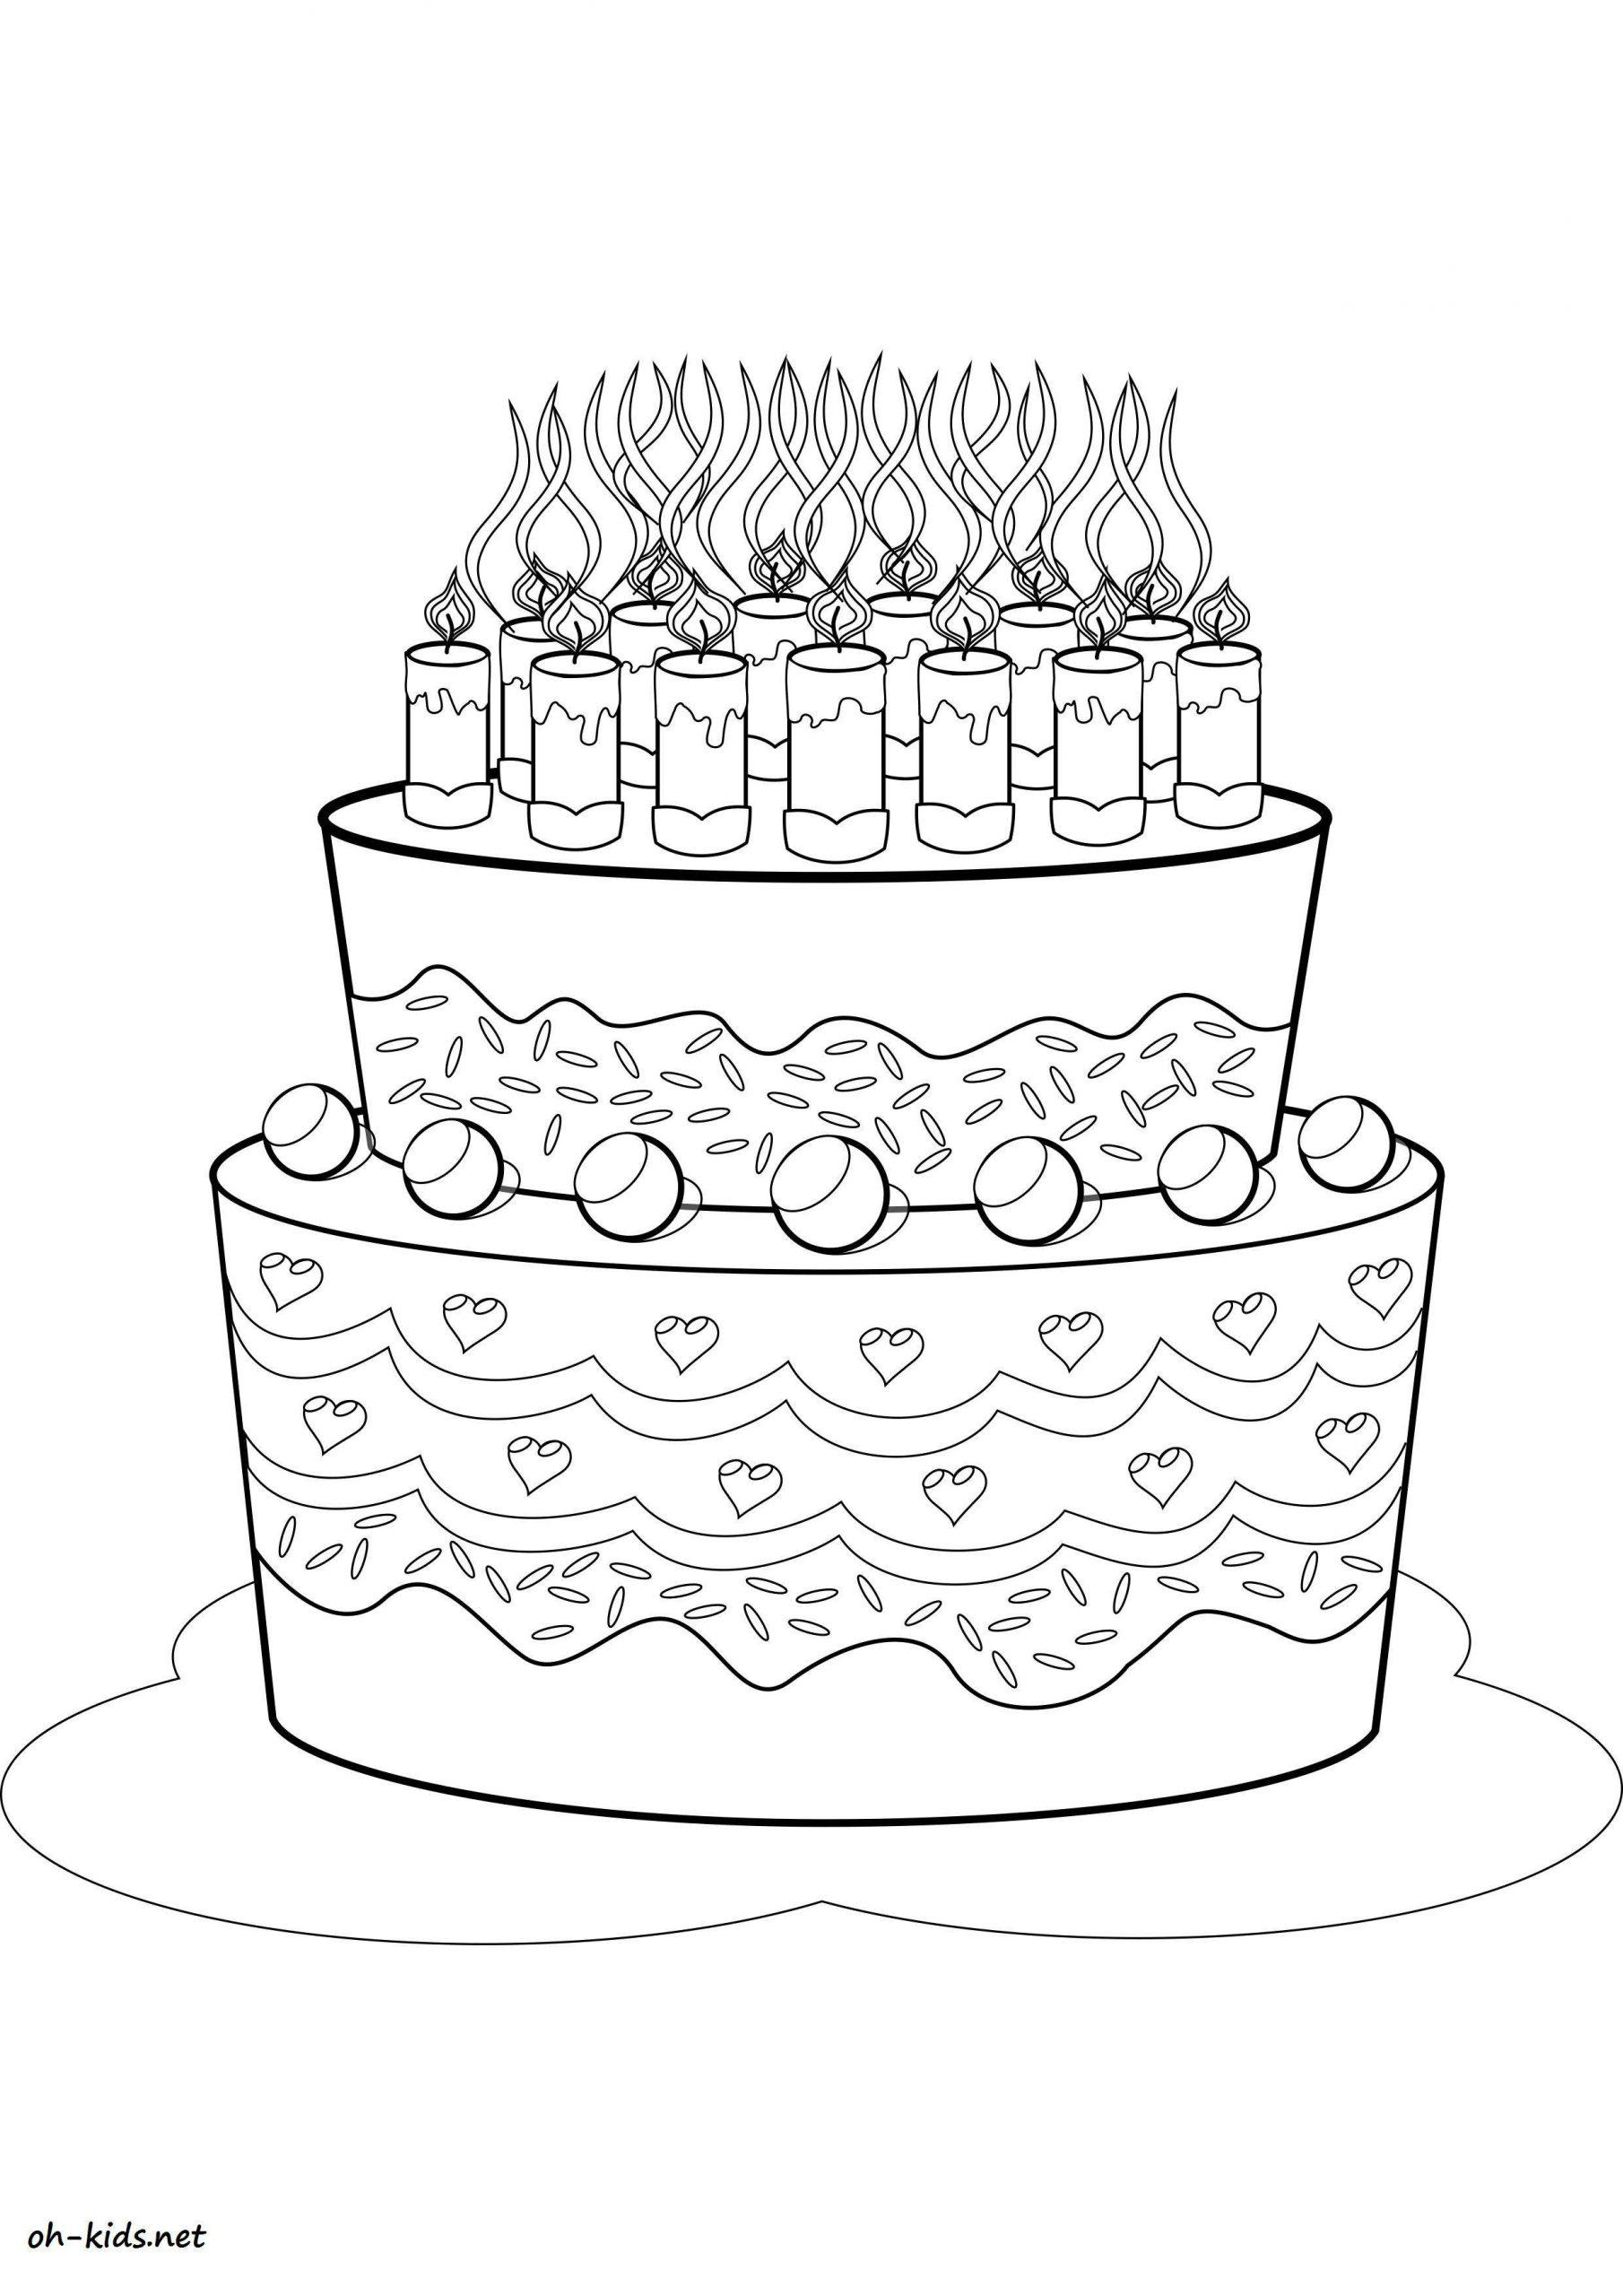 Coloriage Gâteau Anniversaire - Oh Kids Fr intérieur Dessin Pour Anniversaire Adulte